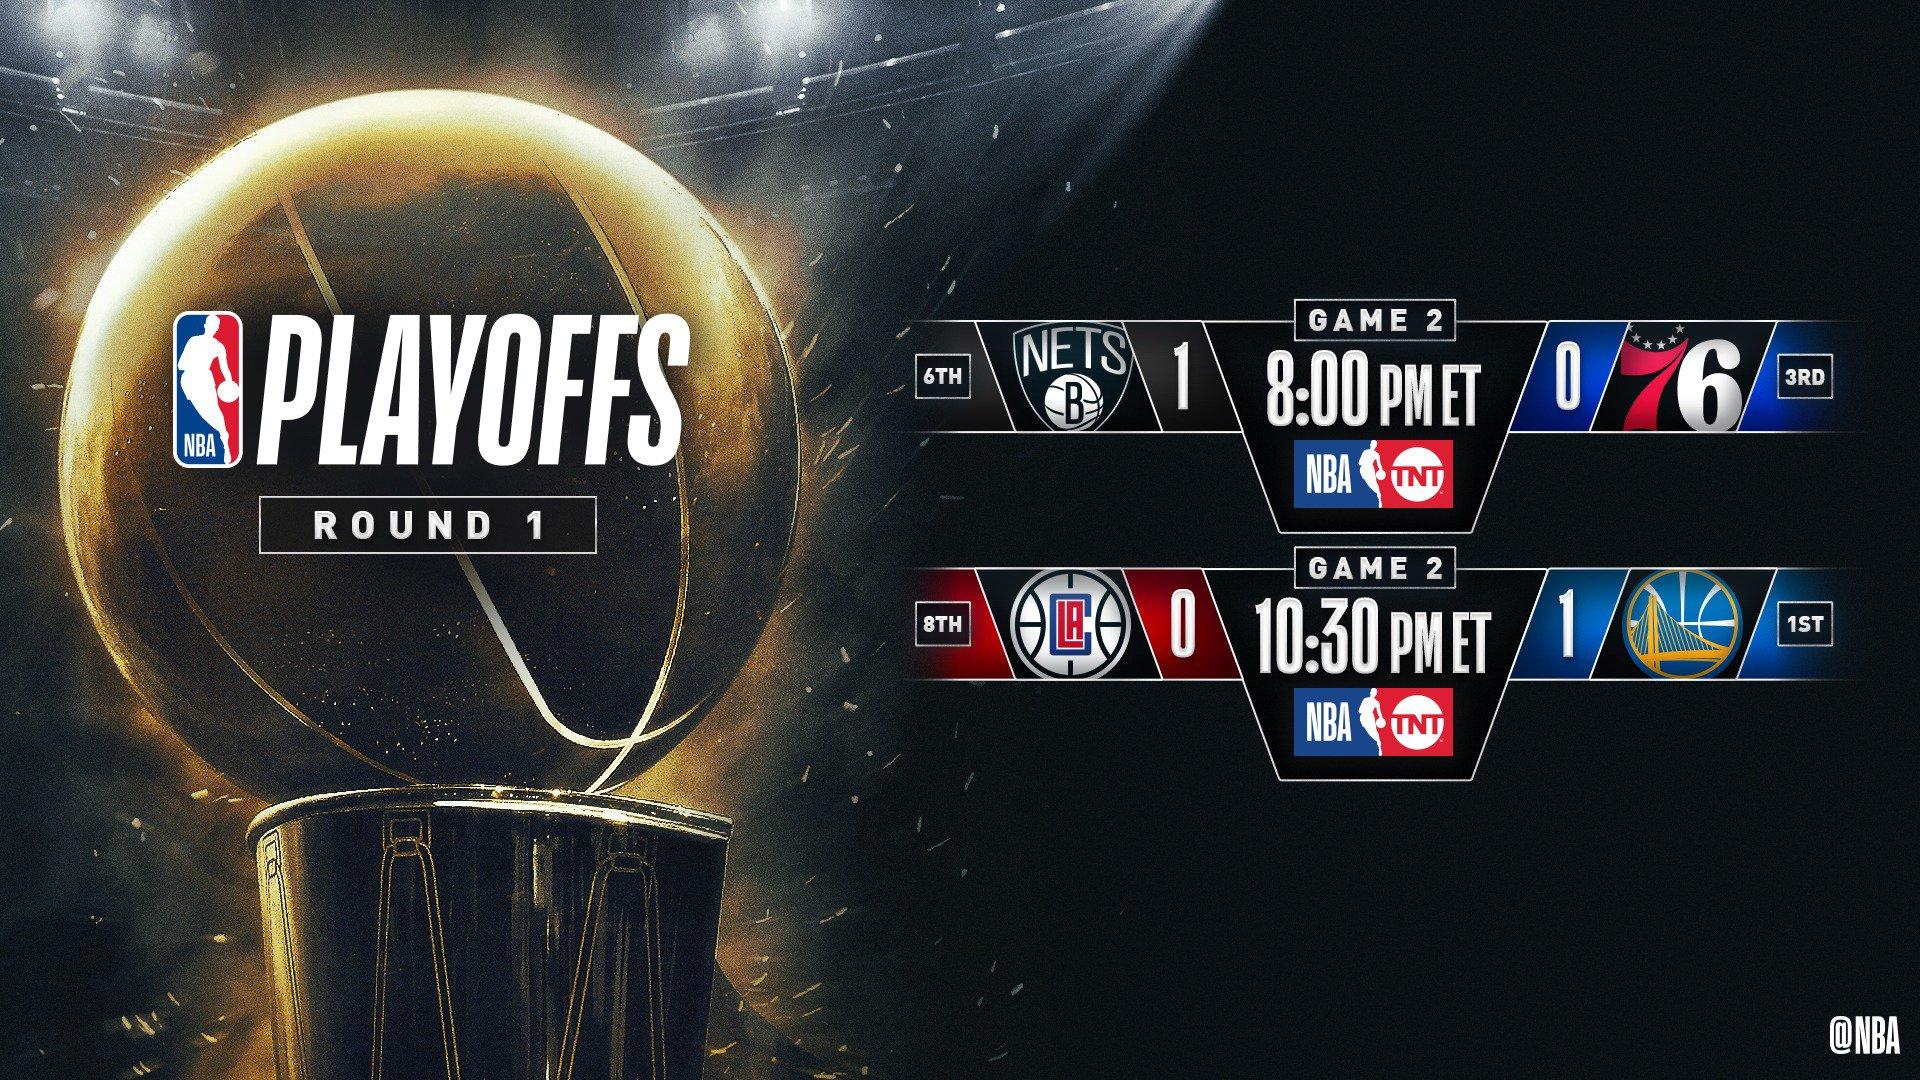 �� #NBAPlayoffs DAY THREE ��  8pm/et: (6) BKN 1-0 (3) PHI, TNT 10:30pm/et: (8) LAC 0-1 (1) GSW, TNT https://t.co/m5Ftwyg8gN